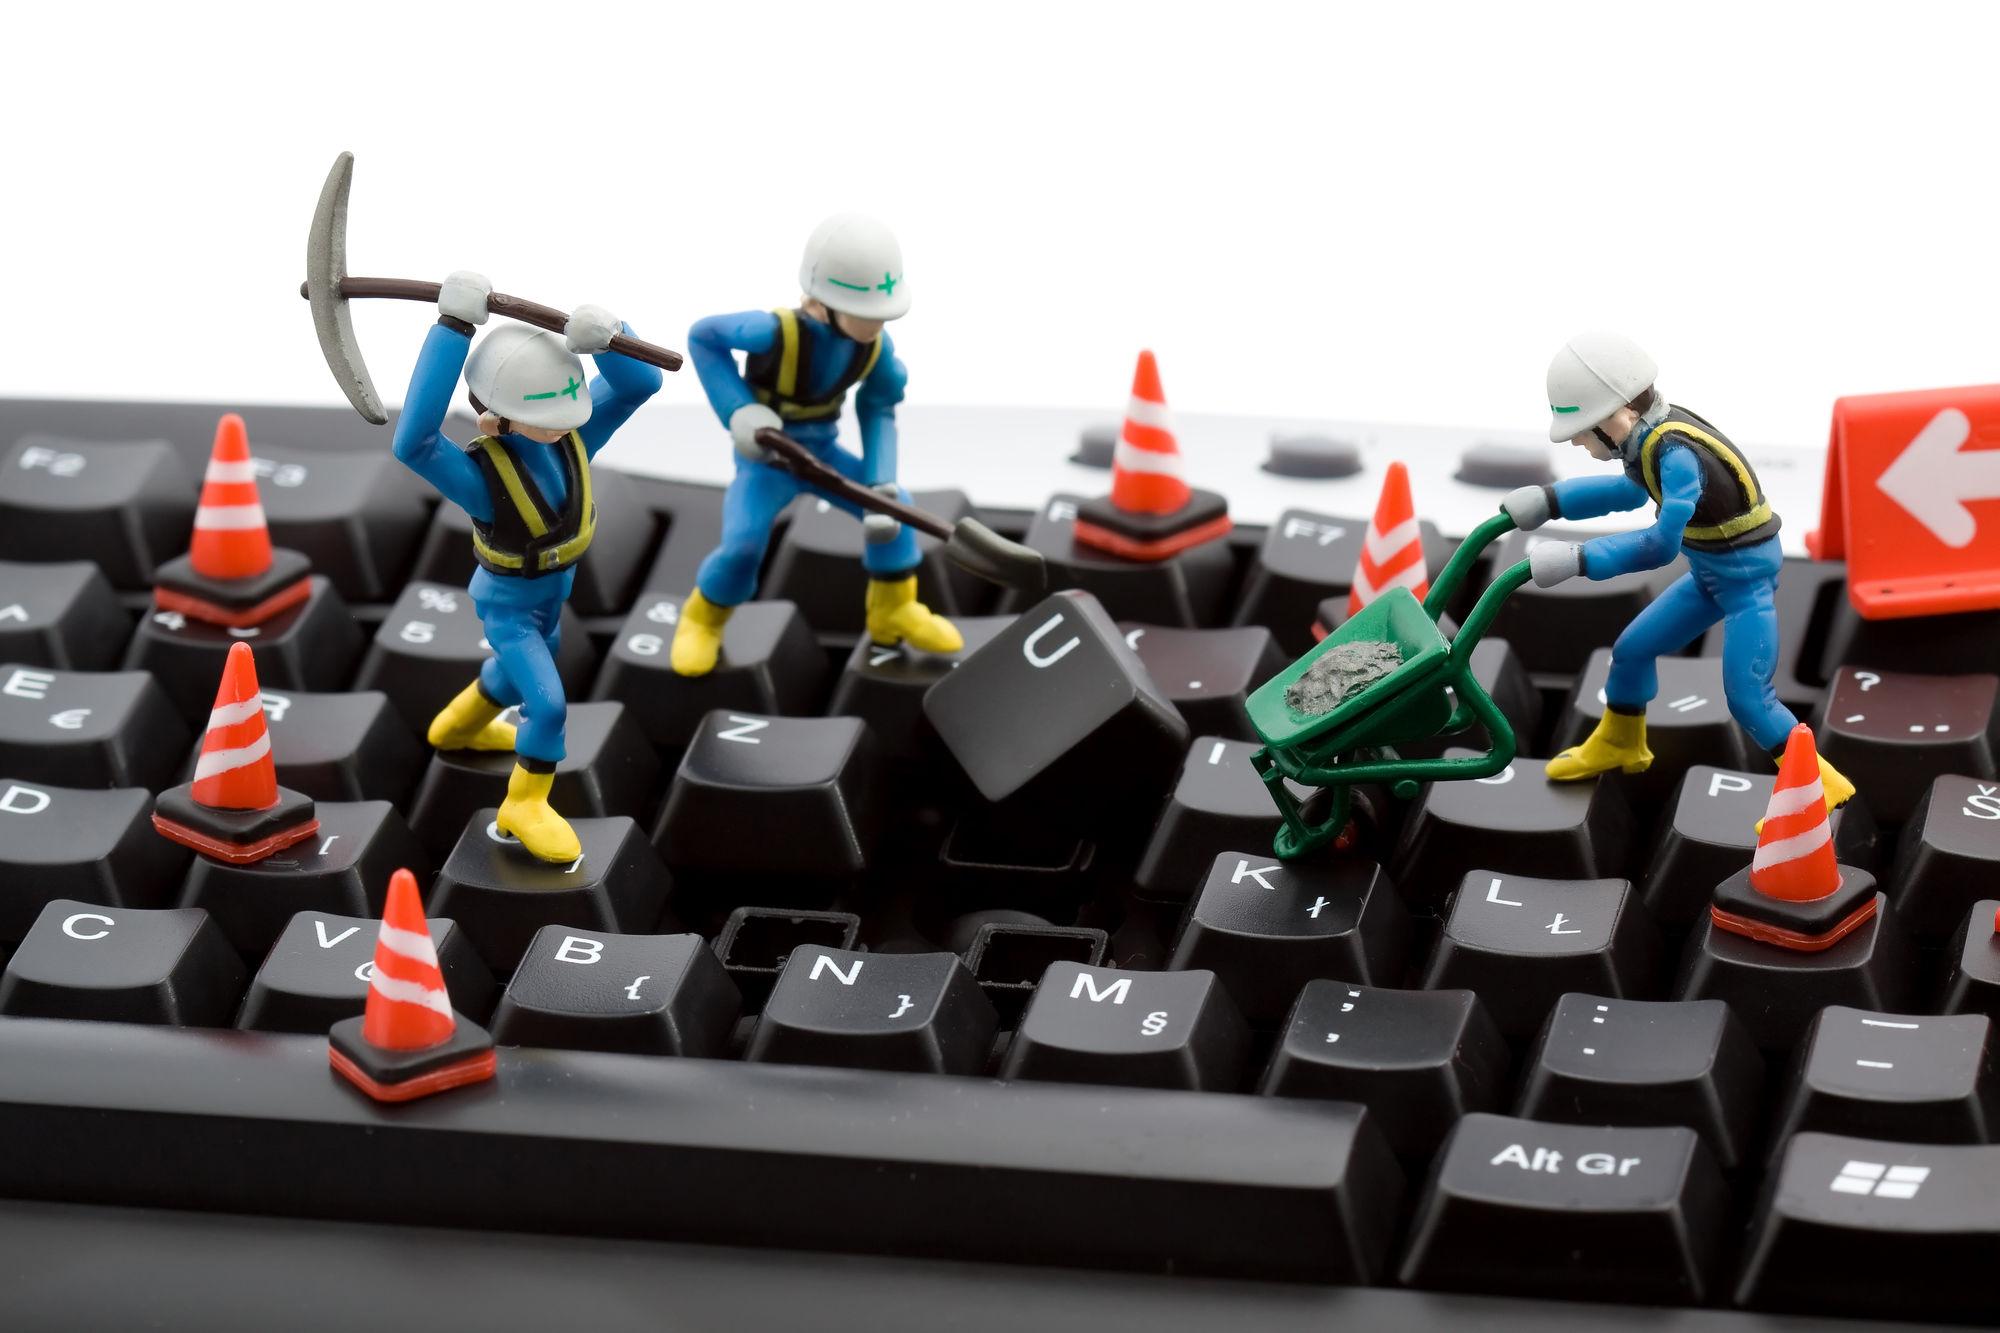 Jasa Service Elektronik Panggilan Paling Murah